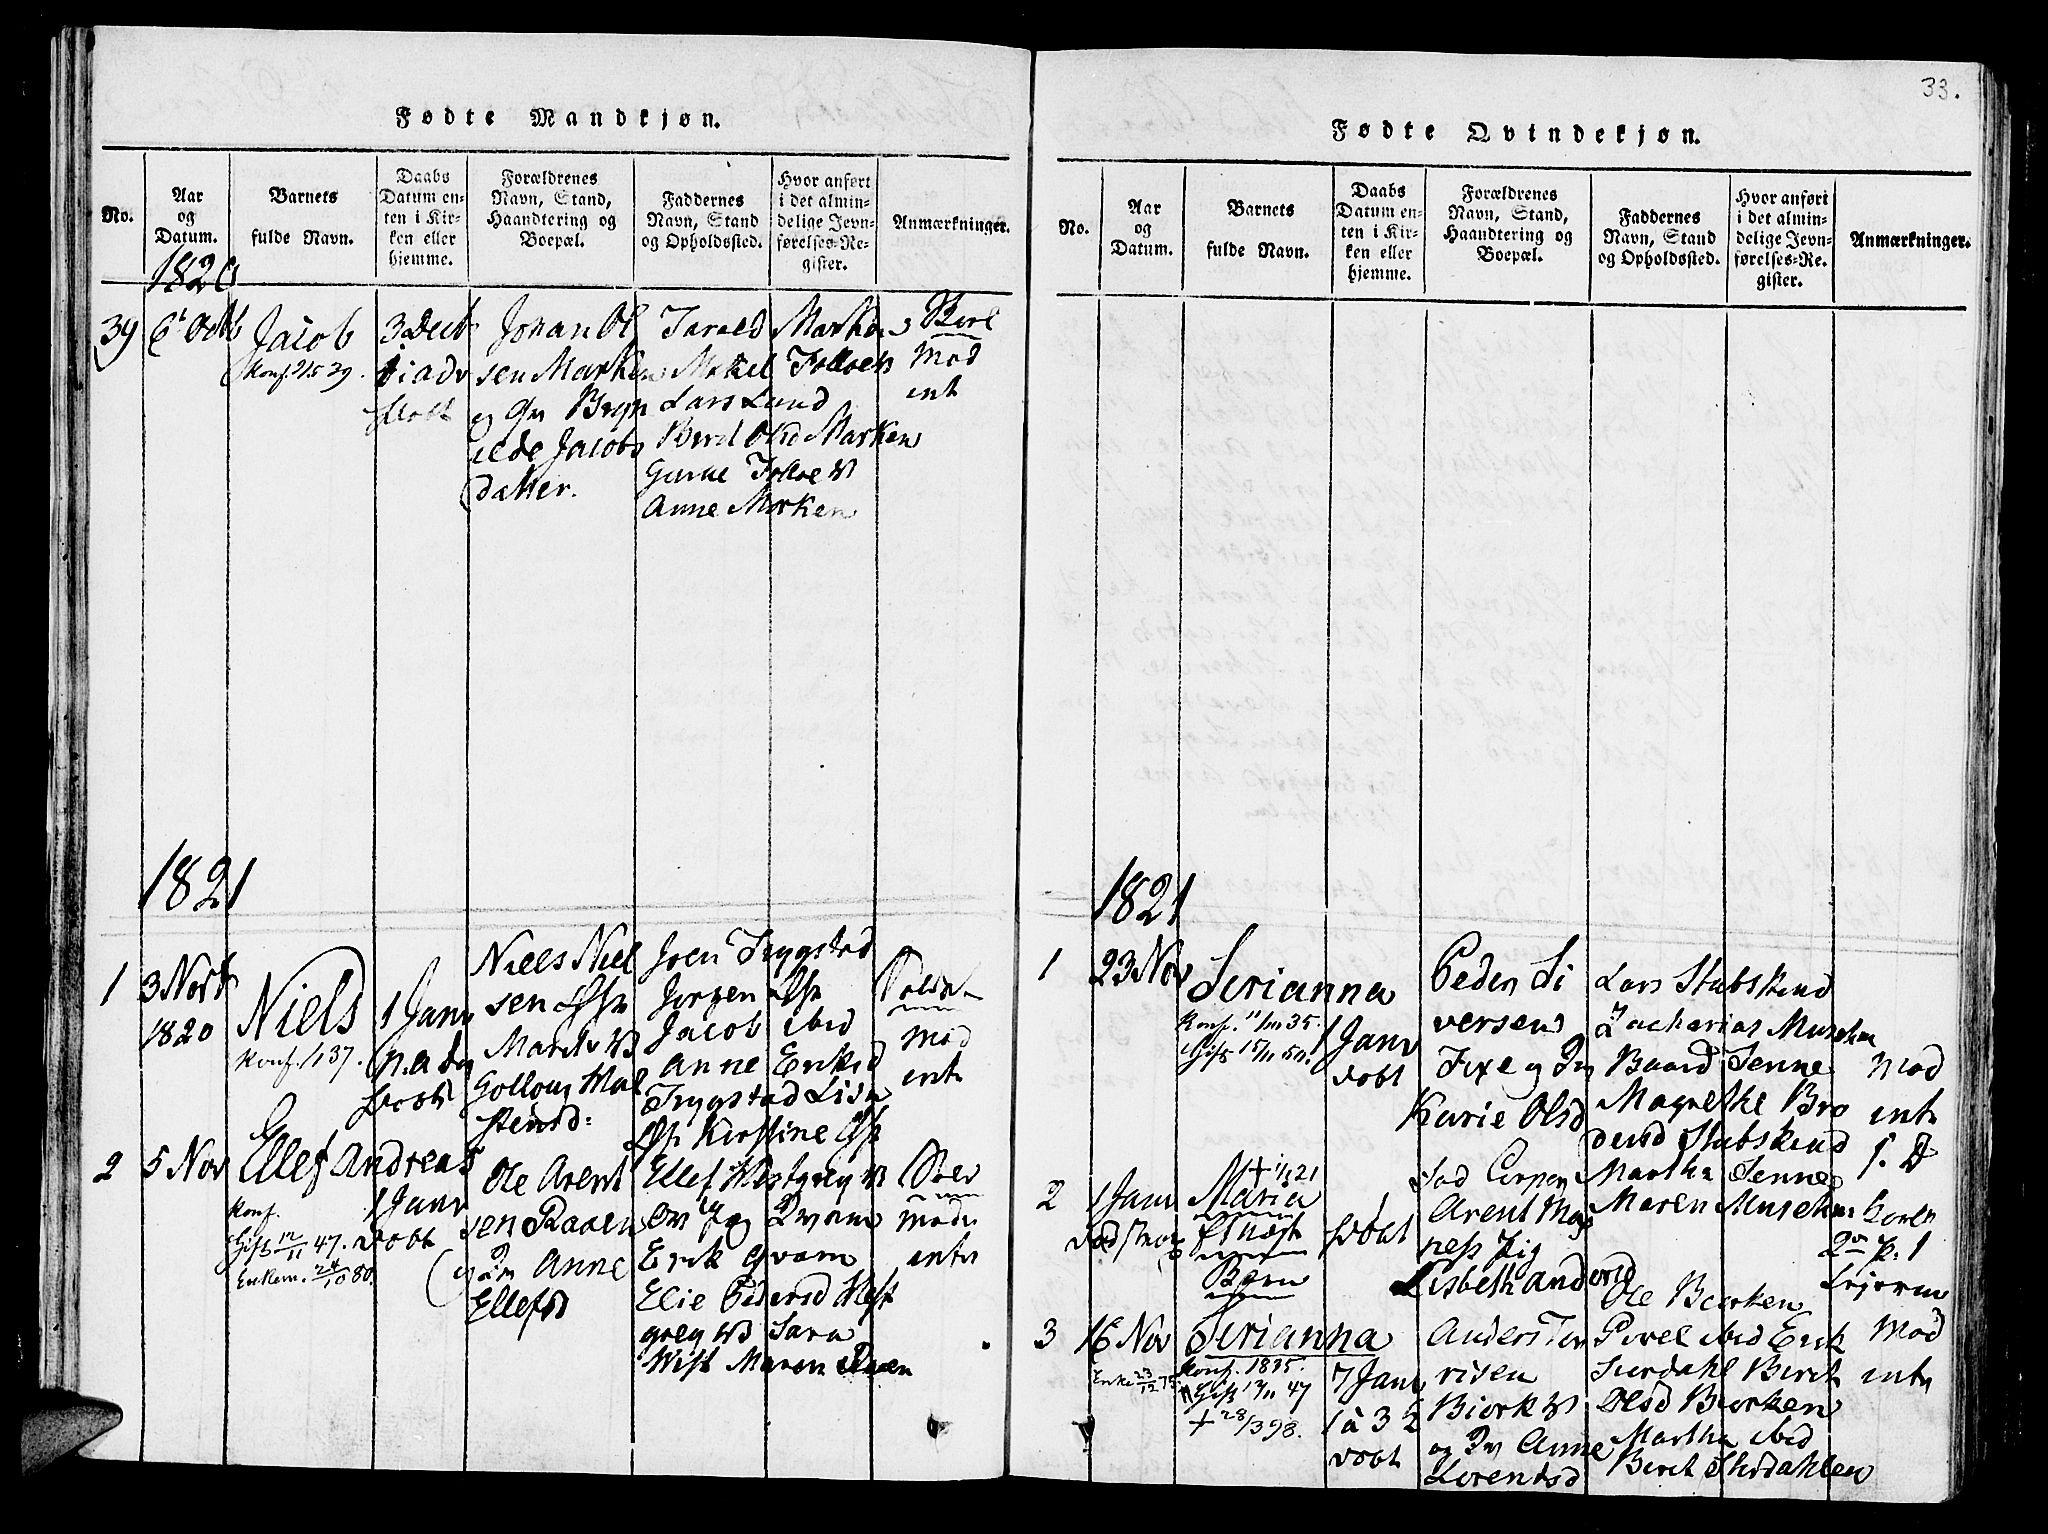 SAT, Ministerialprotokoller, klokkerbøker og fødselsregistre - Nord-Trøndelag, 723/L0234: Ministerialbok nr. 723A05 /1, 1816-1840, s. 33